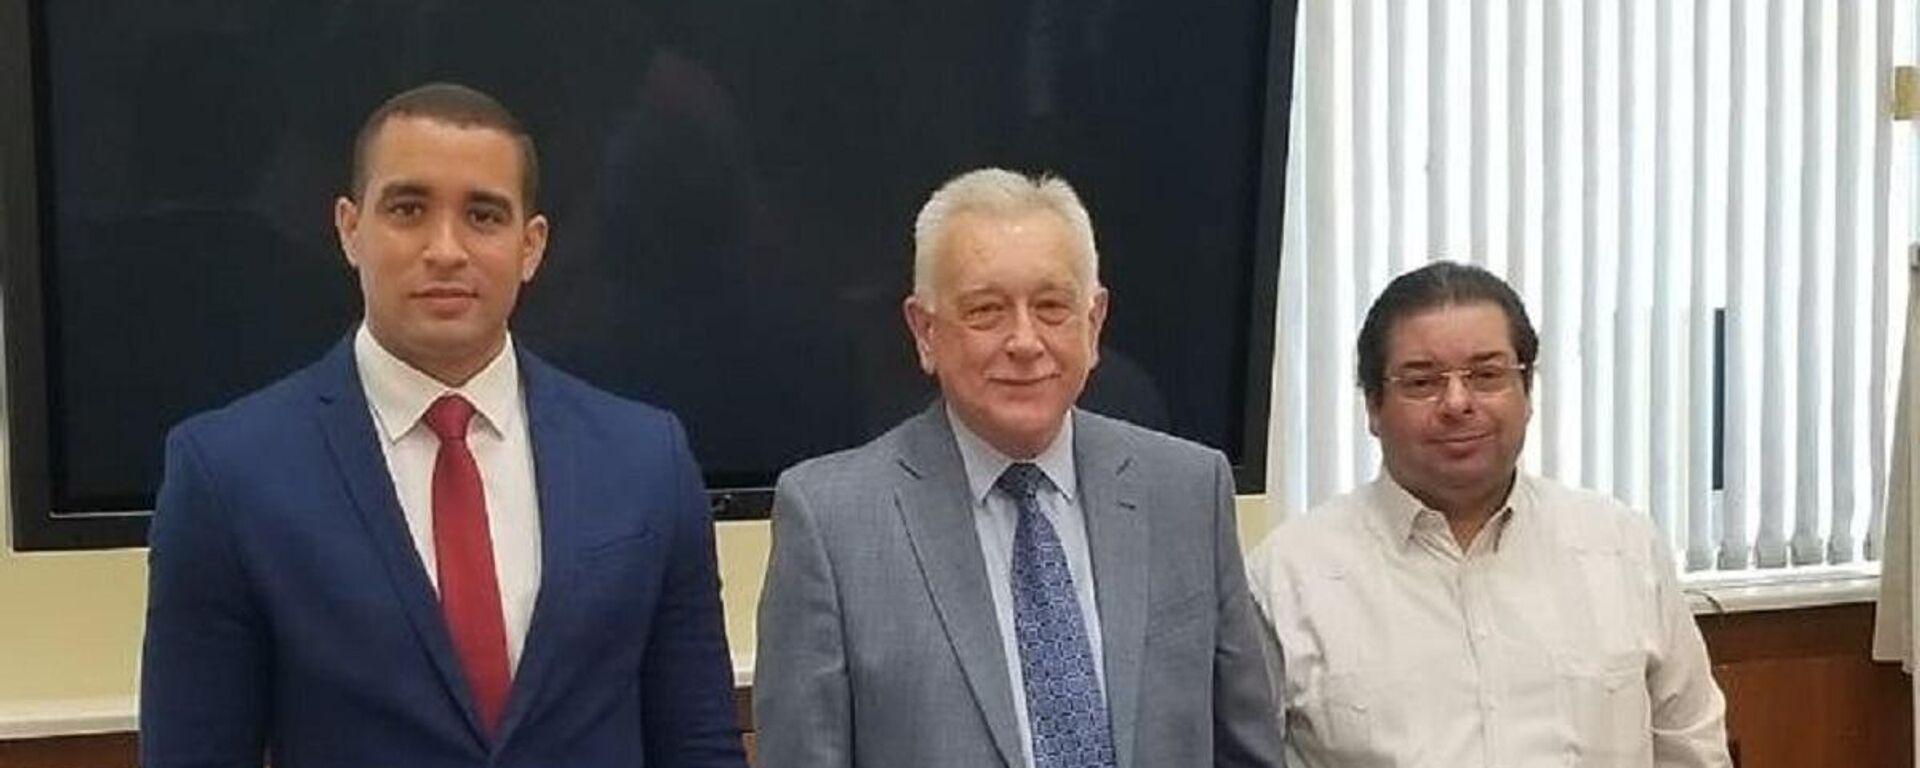 Viceministro de Política Exterior Bilateral, José Julio Gómez (izq.) en una reunión de trabajo con las autoridades de la Academia Diplomática del Ministerio de Relaciones Exteriores de la Federación de Rusia, y el embajador dominicano en Rusia, Hans Dannenberg (derecha) - Sputnik Mundo, 1920, 24.06.2021